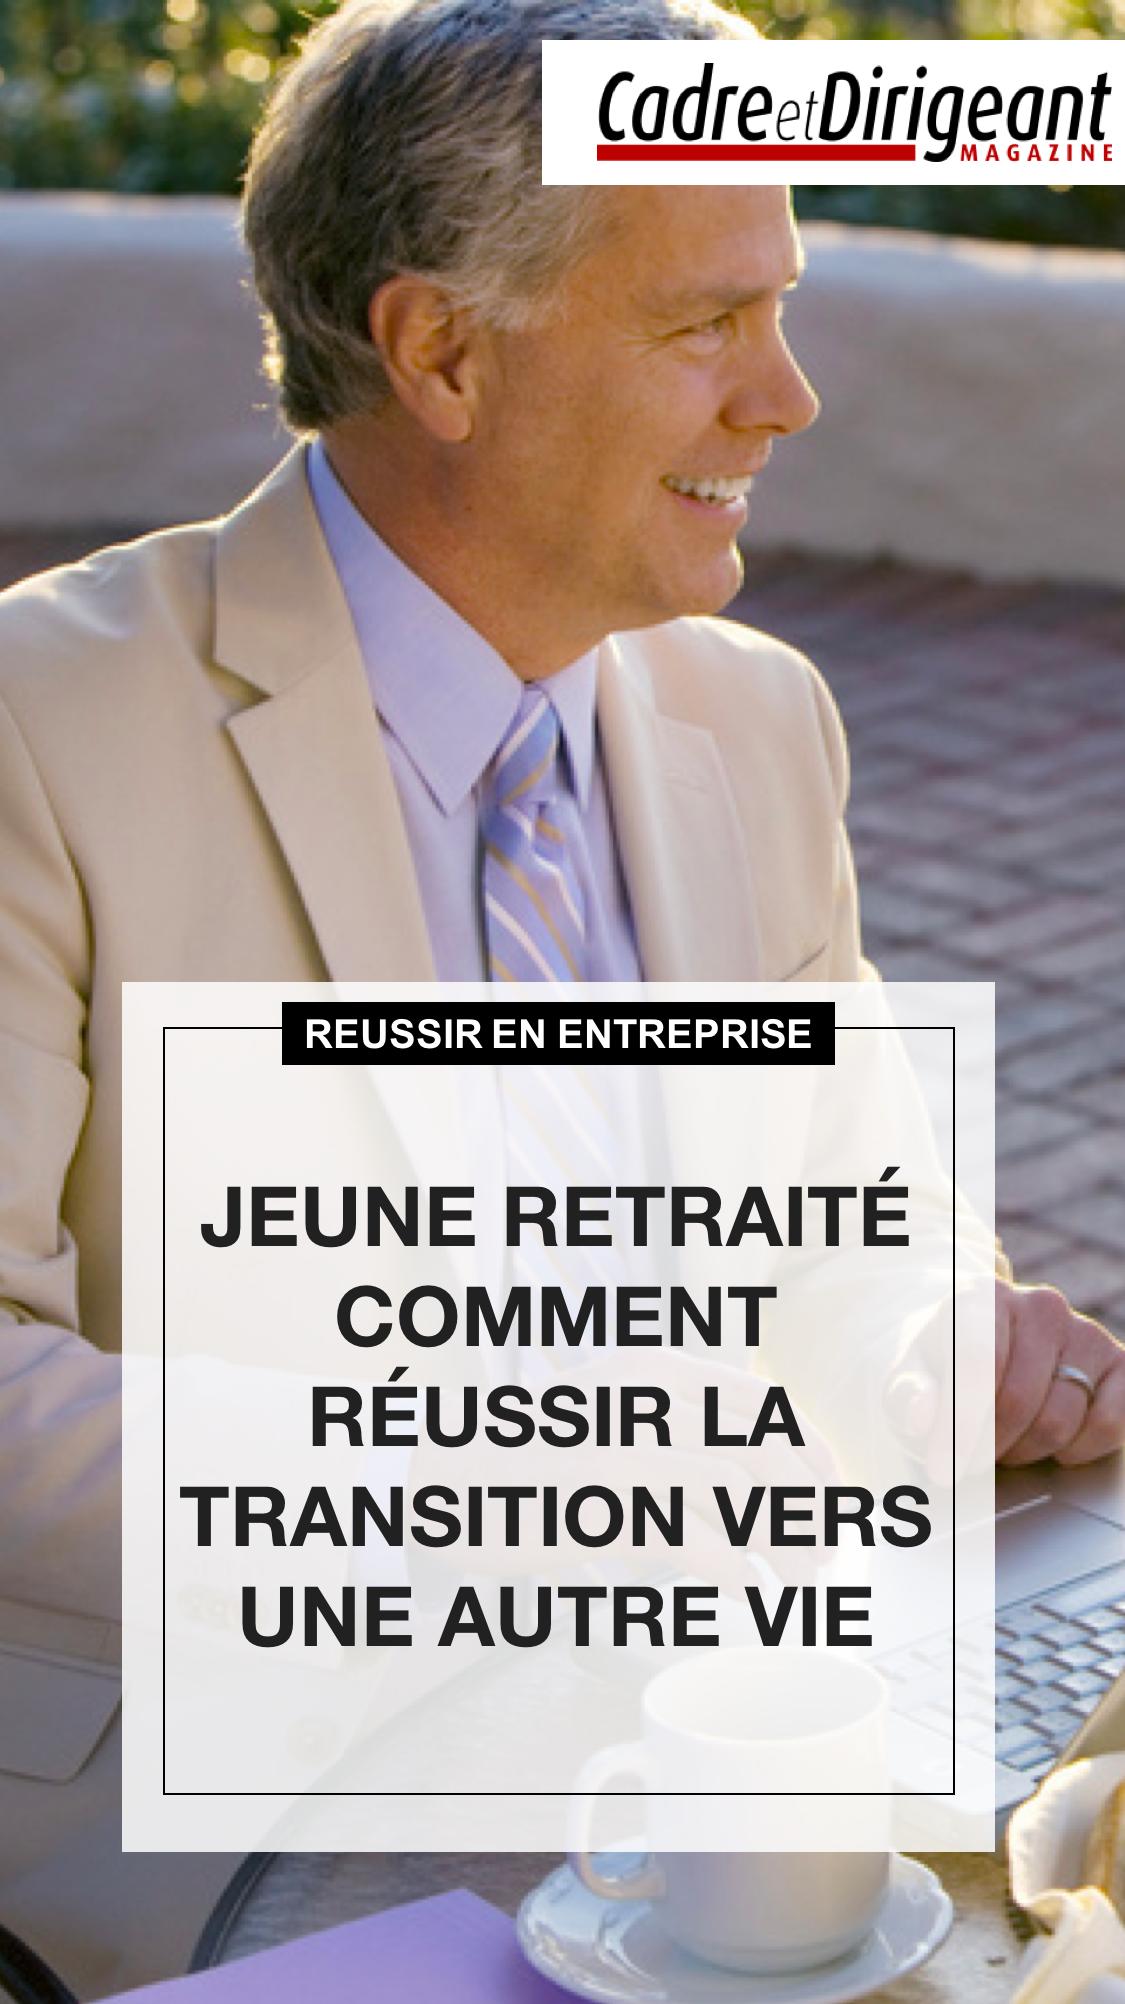 Jeune Retraite Comment Reussir La Transition Vers Une Autre Vie Retraite Entreprise Reussir